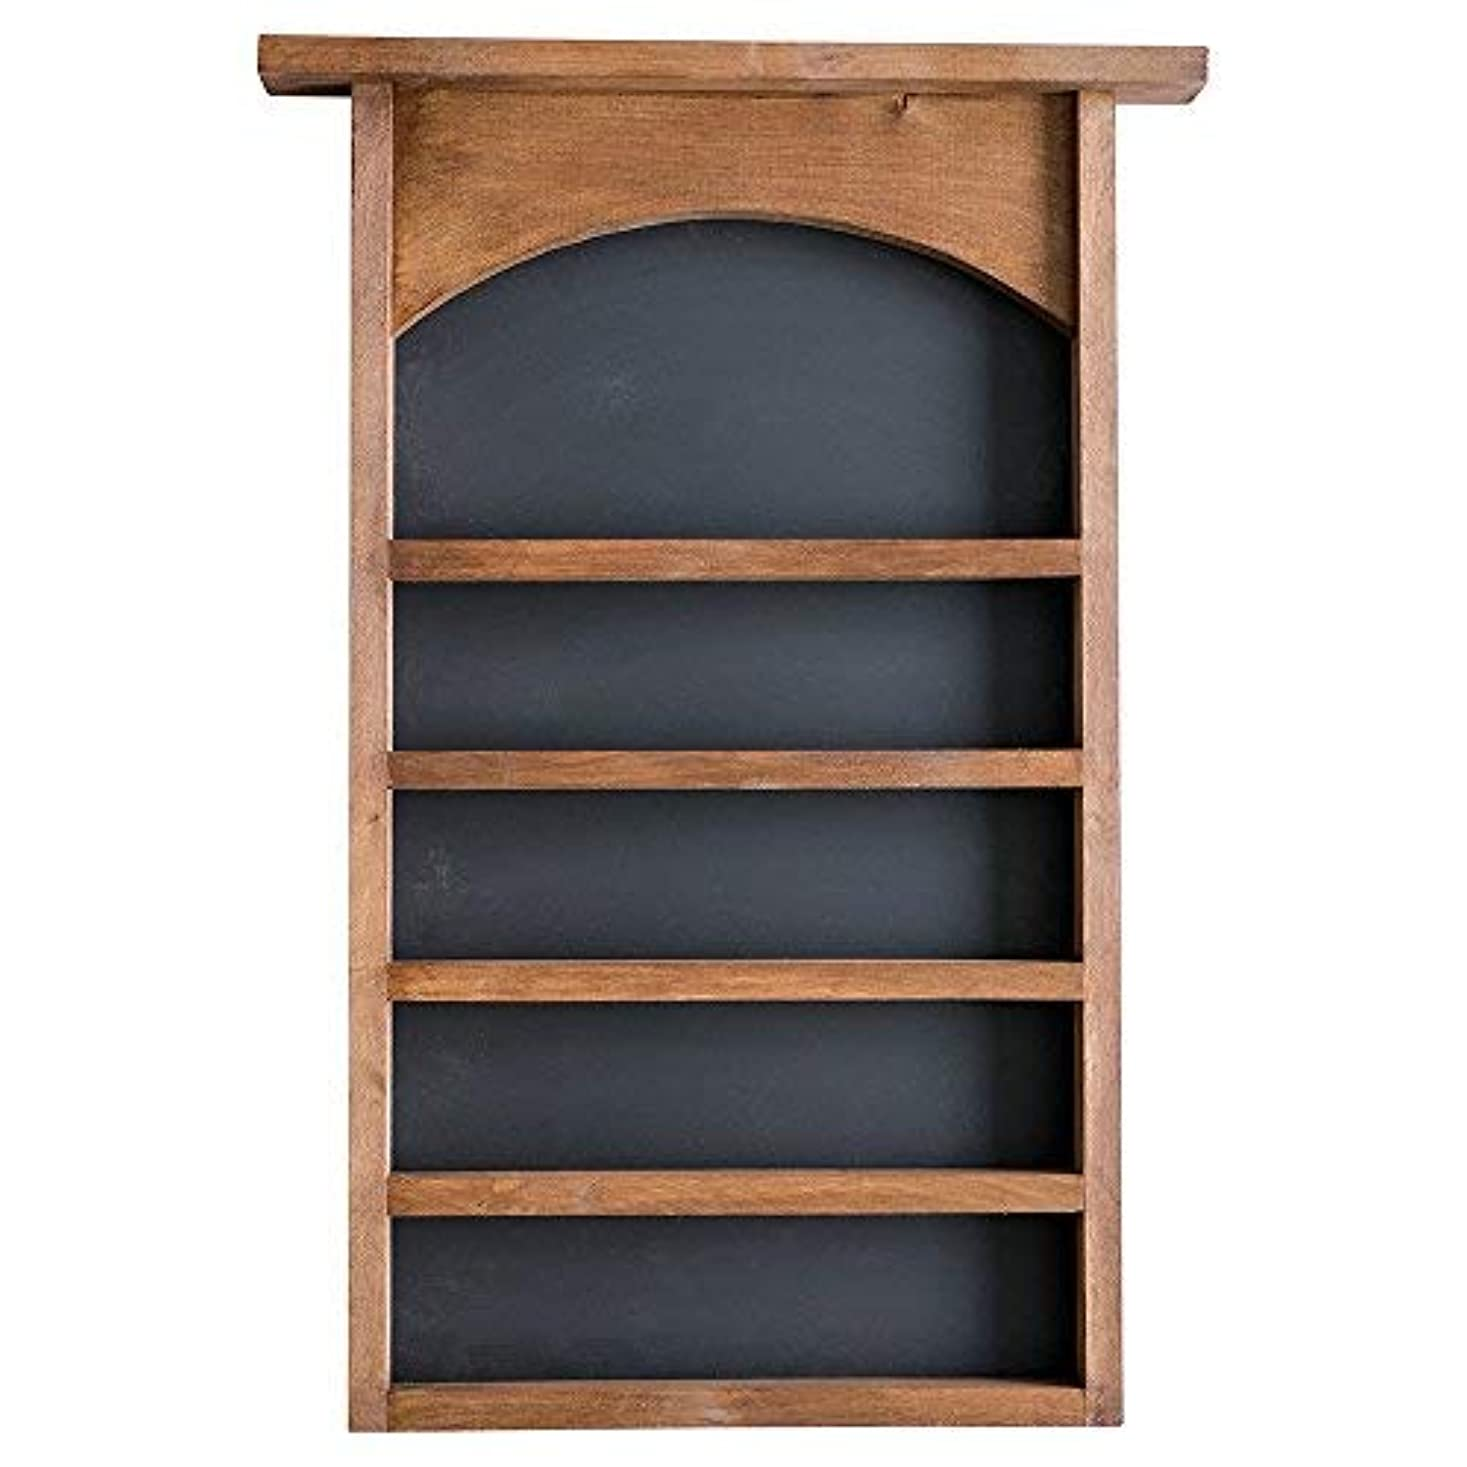 モザイク砲撃軍団Essential Oil表示シェルフと黒板Back |ソリッド木製|壁マウント| Modernファームハウス装飾| 30 x 18.5インチ